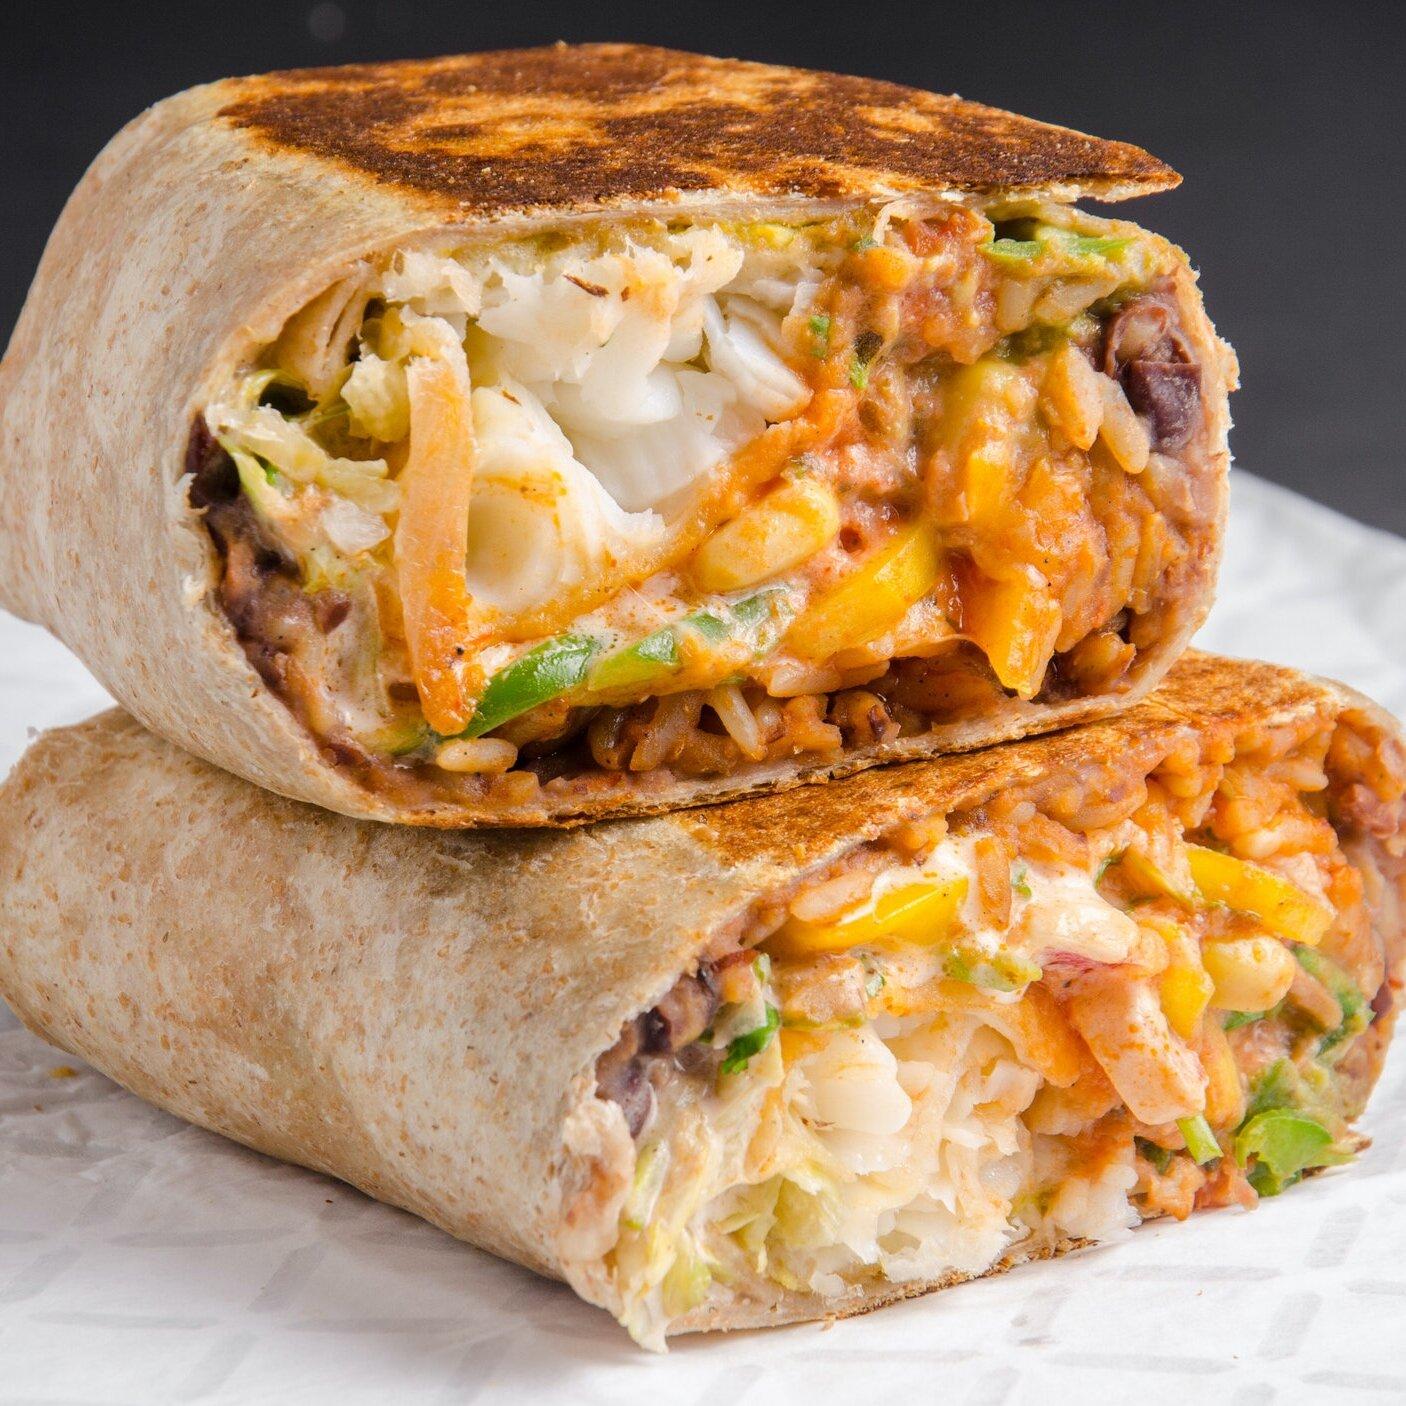 Burrito2018 Burrito Boyz